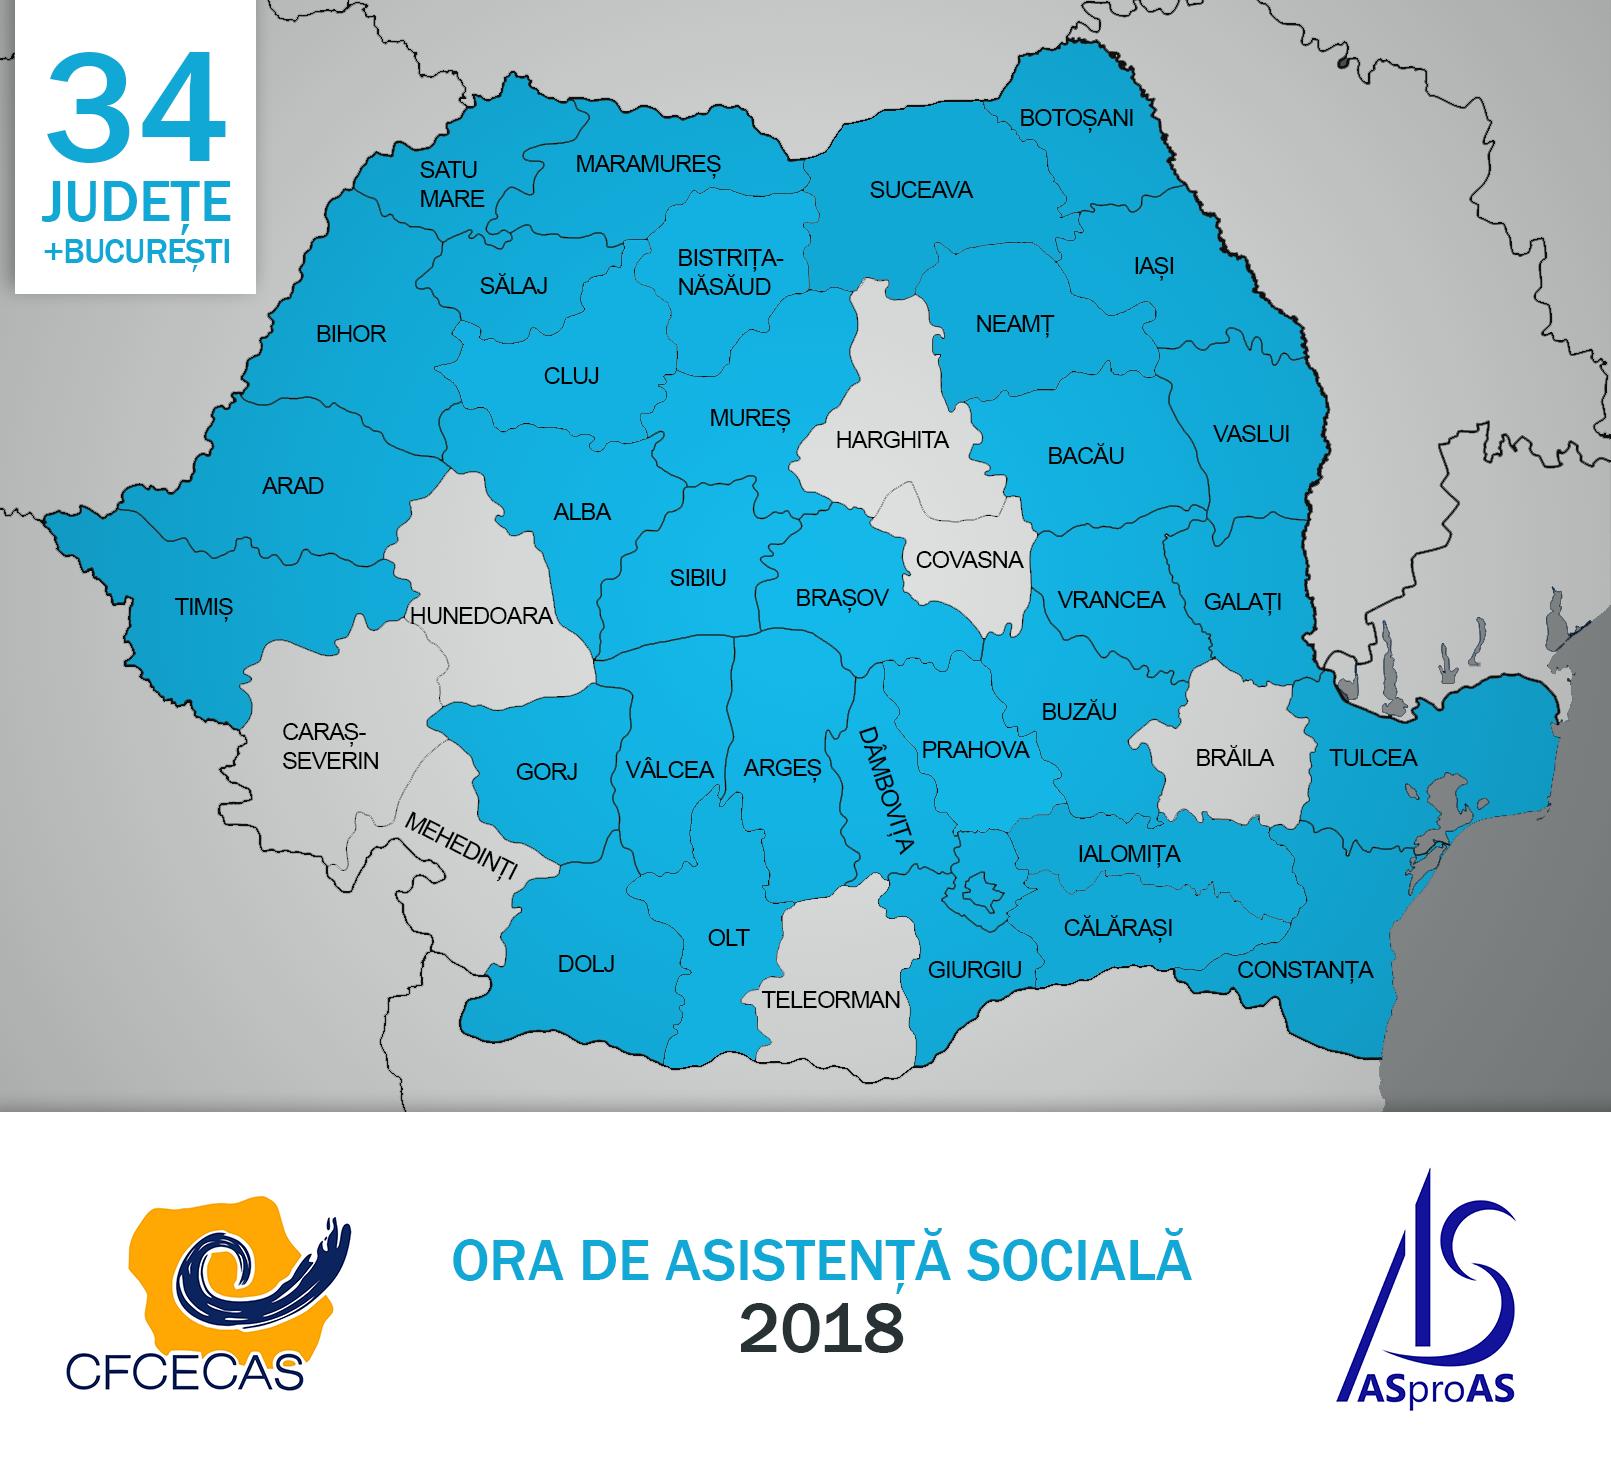 Raport ORA DE ASISTENȚĂ SOCIALĂ 2018